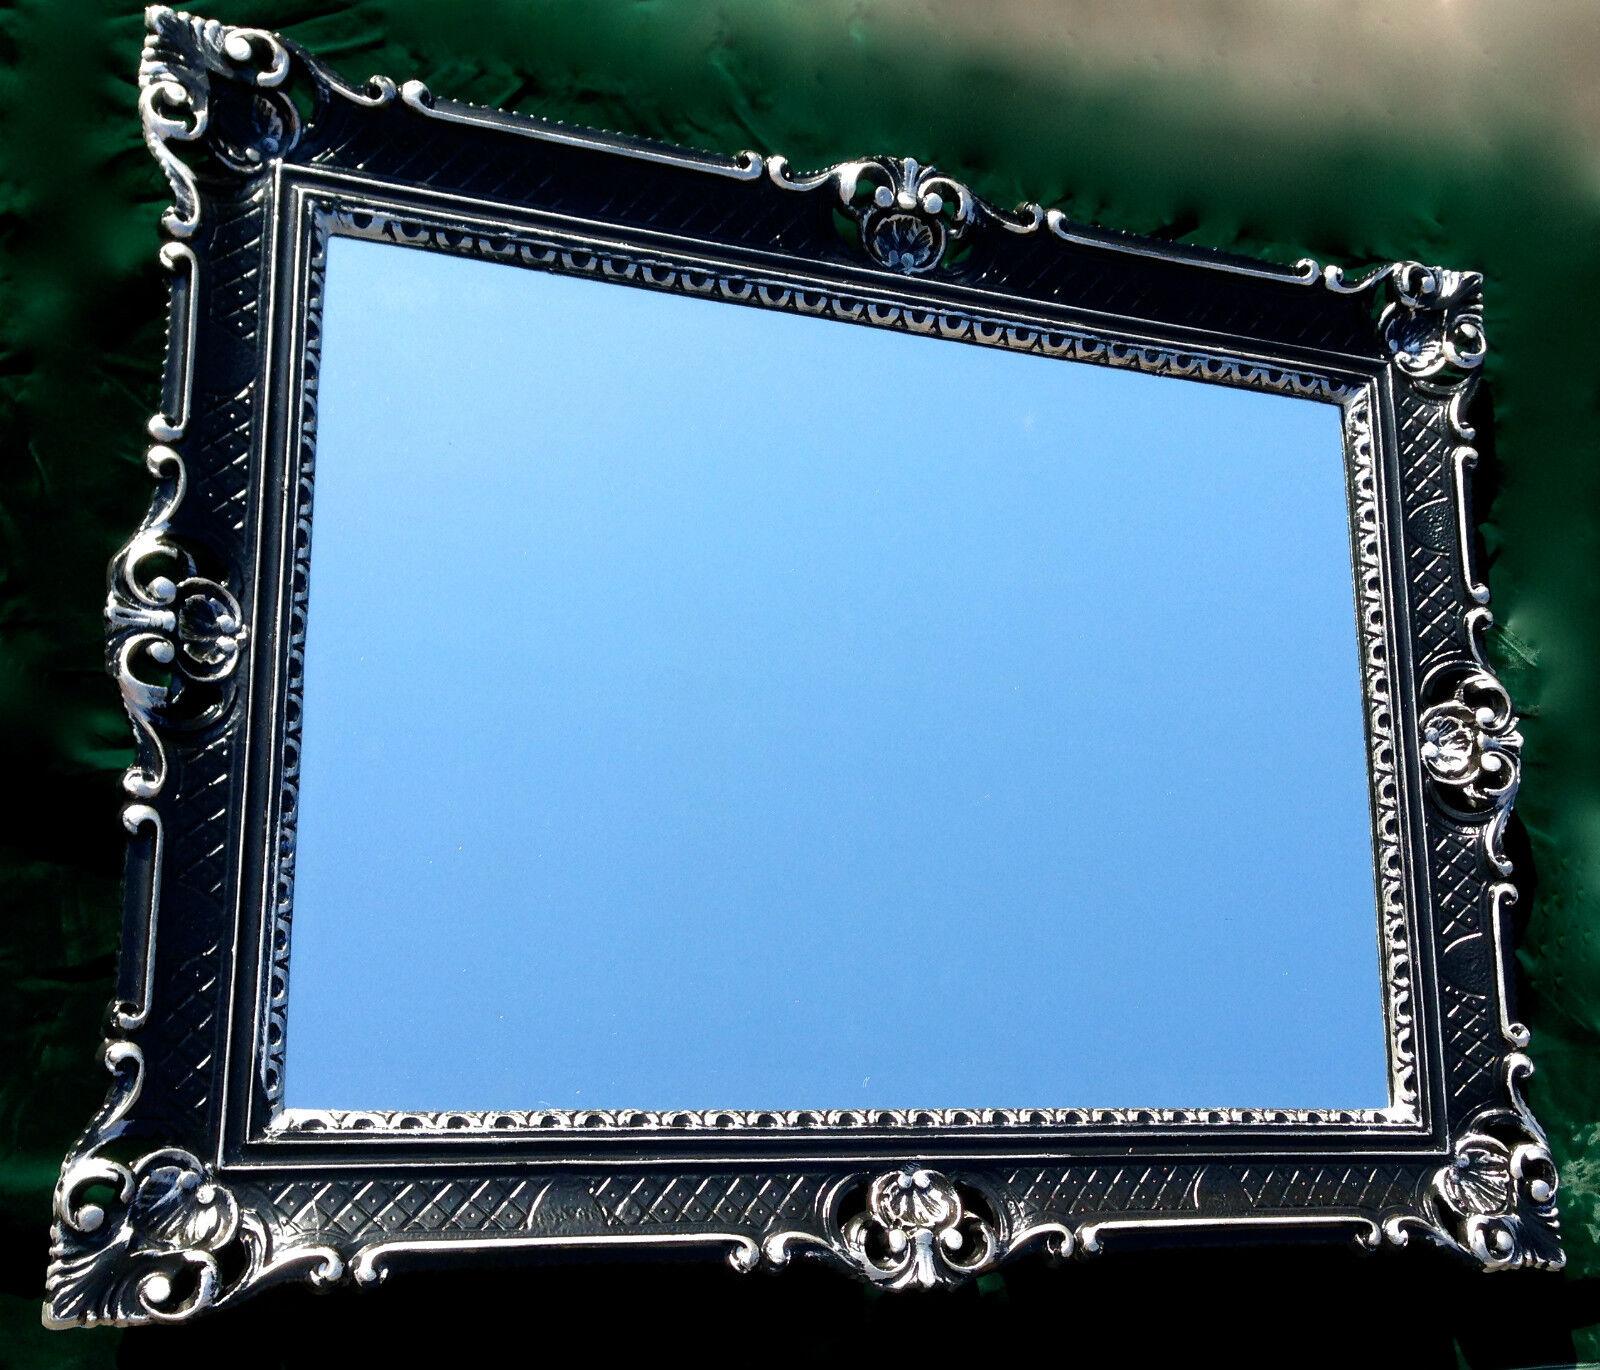 bilderrahmen barock schwarz silber 90x70 spiegelrahmen. Black Bedroom Furniture Sets. Home Design Ideas